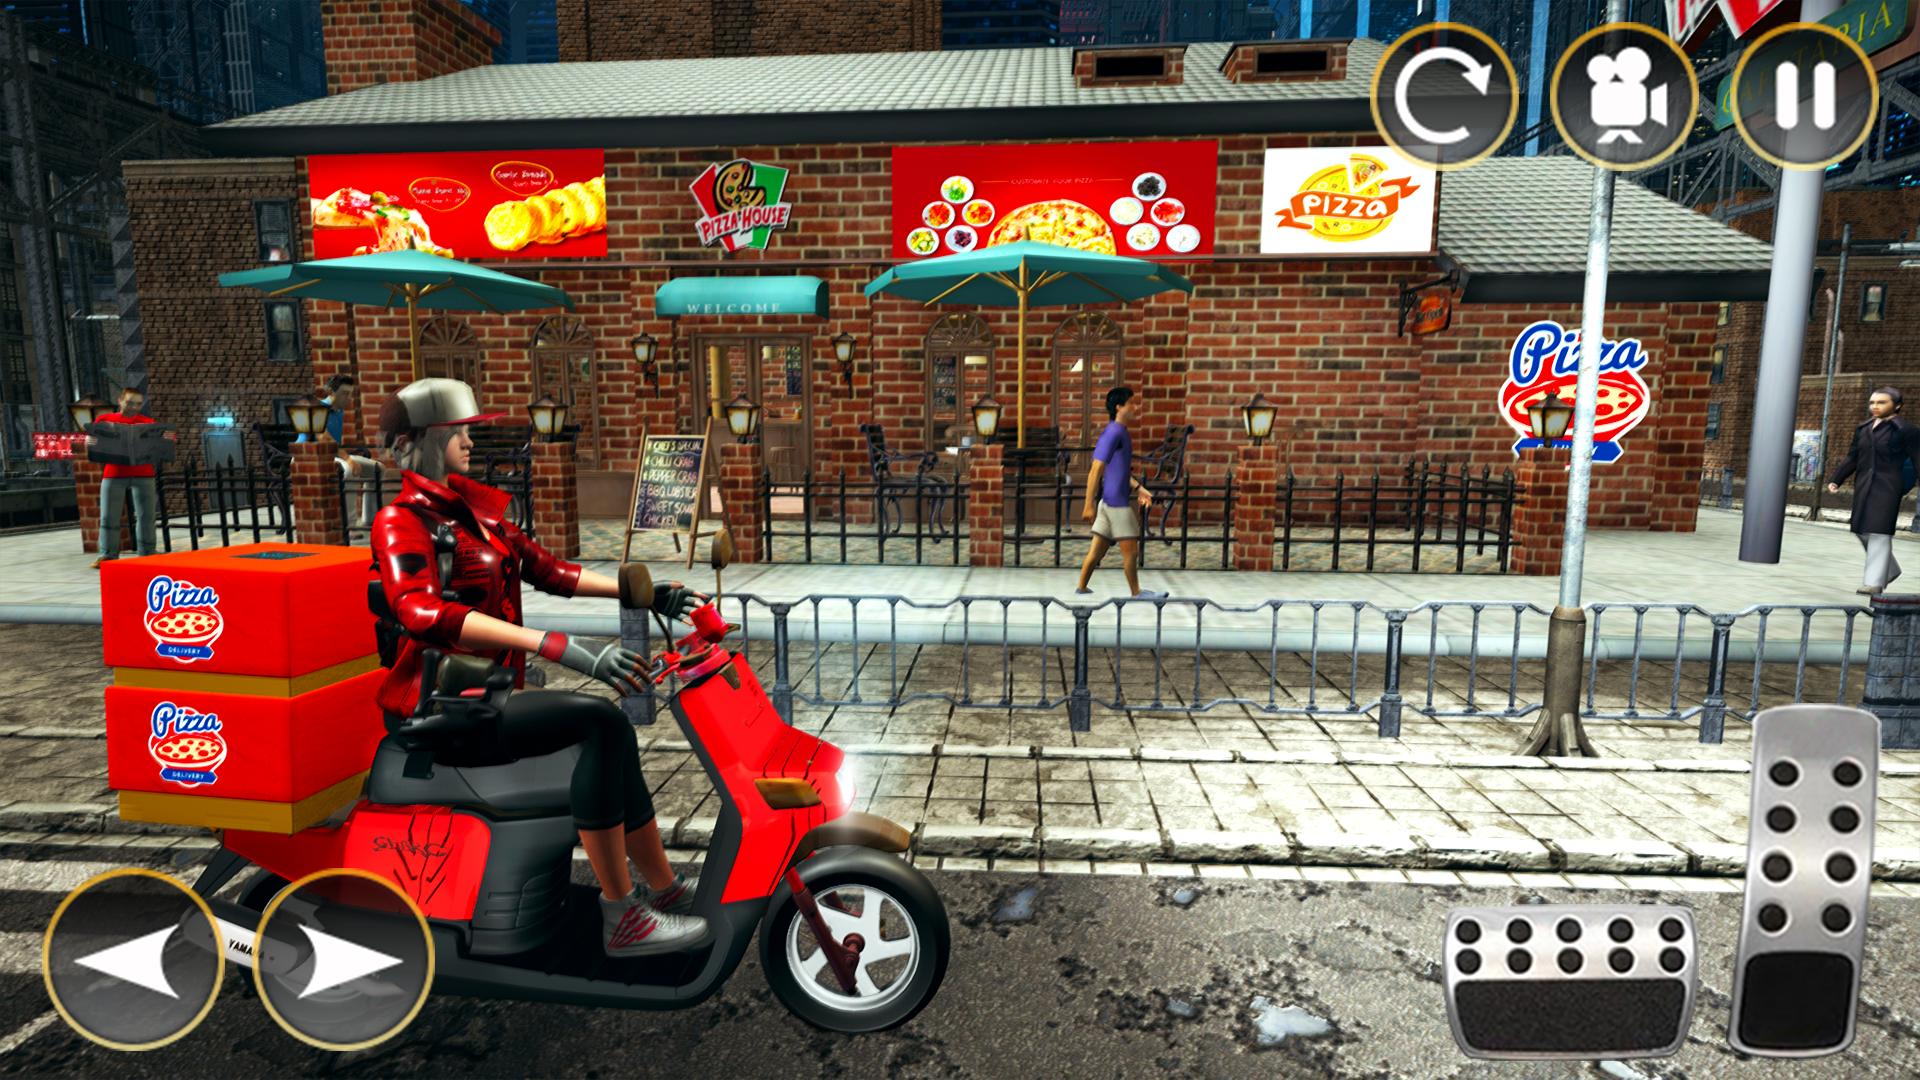 jogo+de+entregar+pizza+na+bicicleta